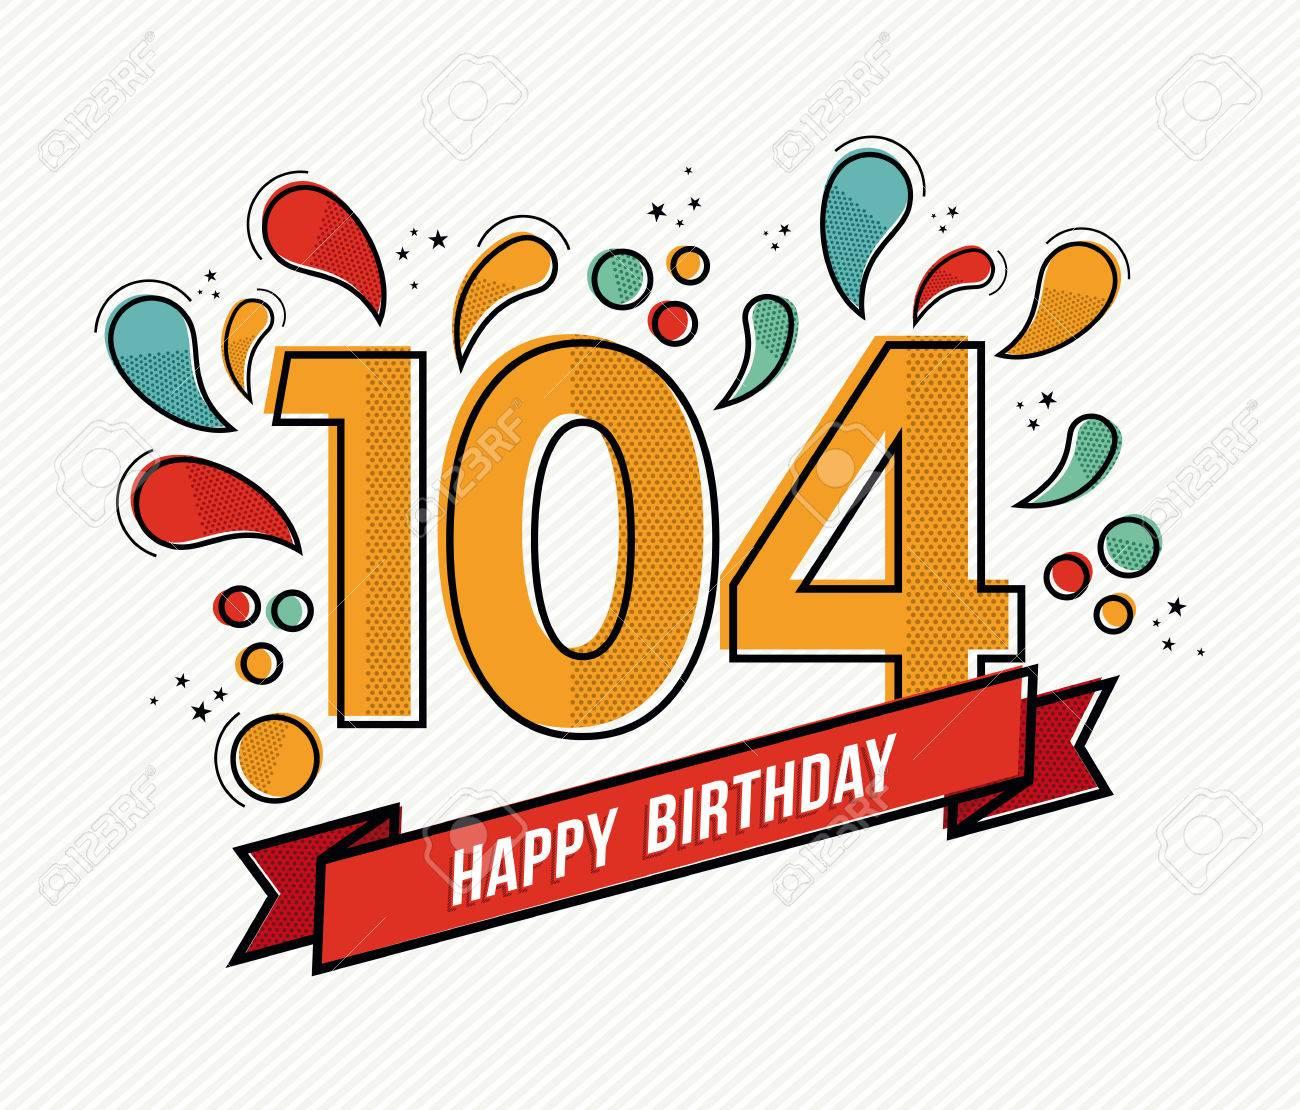 numero joyeux anniversaire 104 carte de voeux pour cent quatre ans en art ligne plate moderne avec des formes geometriques colorees invitation anniversaire du parti felicitations ou de la conception de celebration